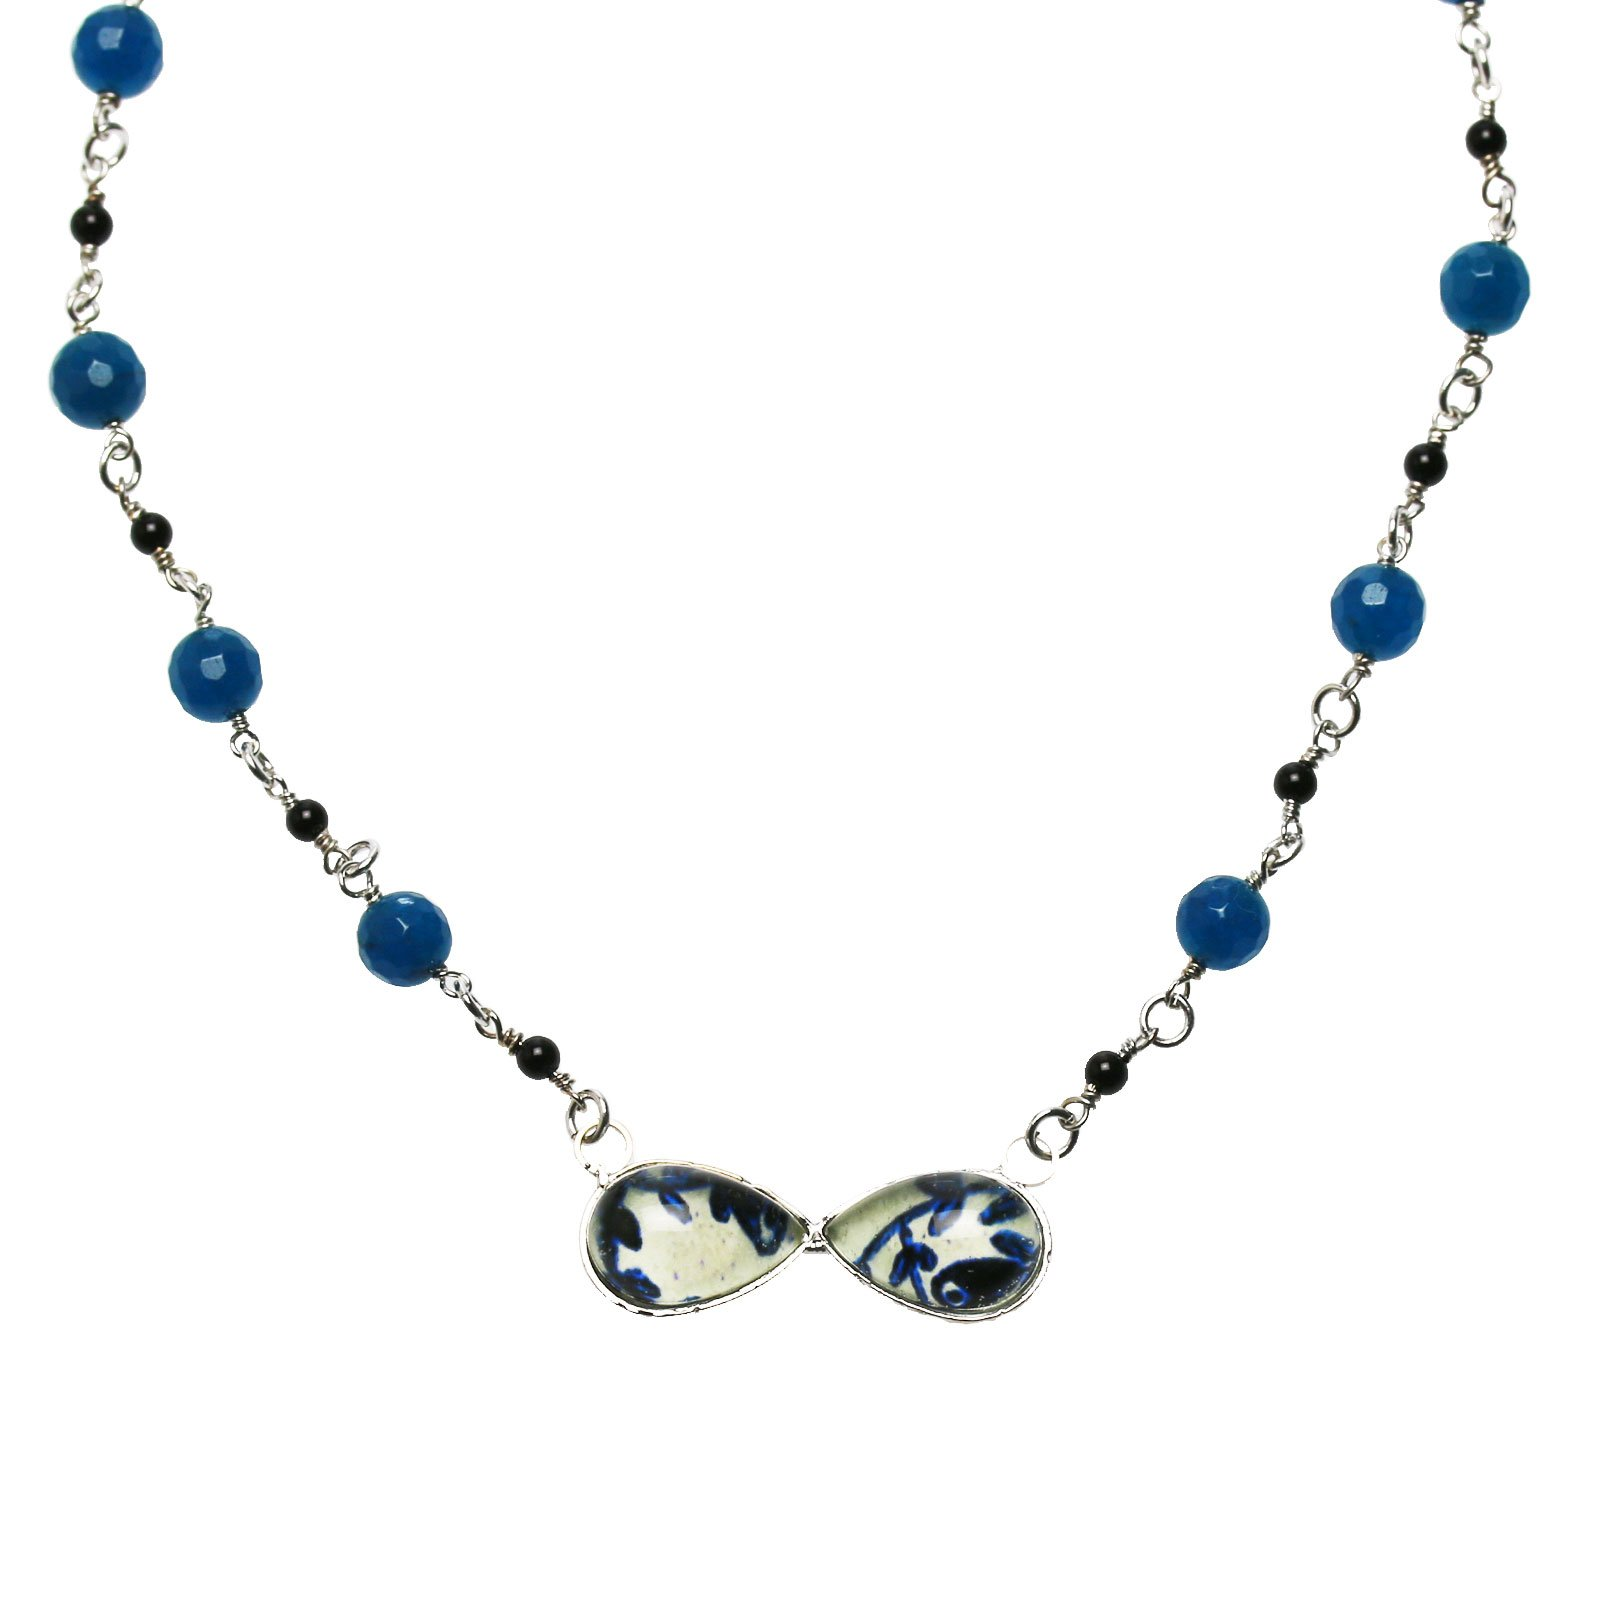 Tamarusan Choker Necklace Bow Tie Style Blue Flower Lapis Lazuli Quartz(Dyed)